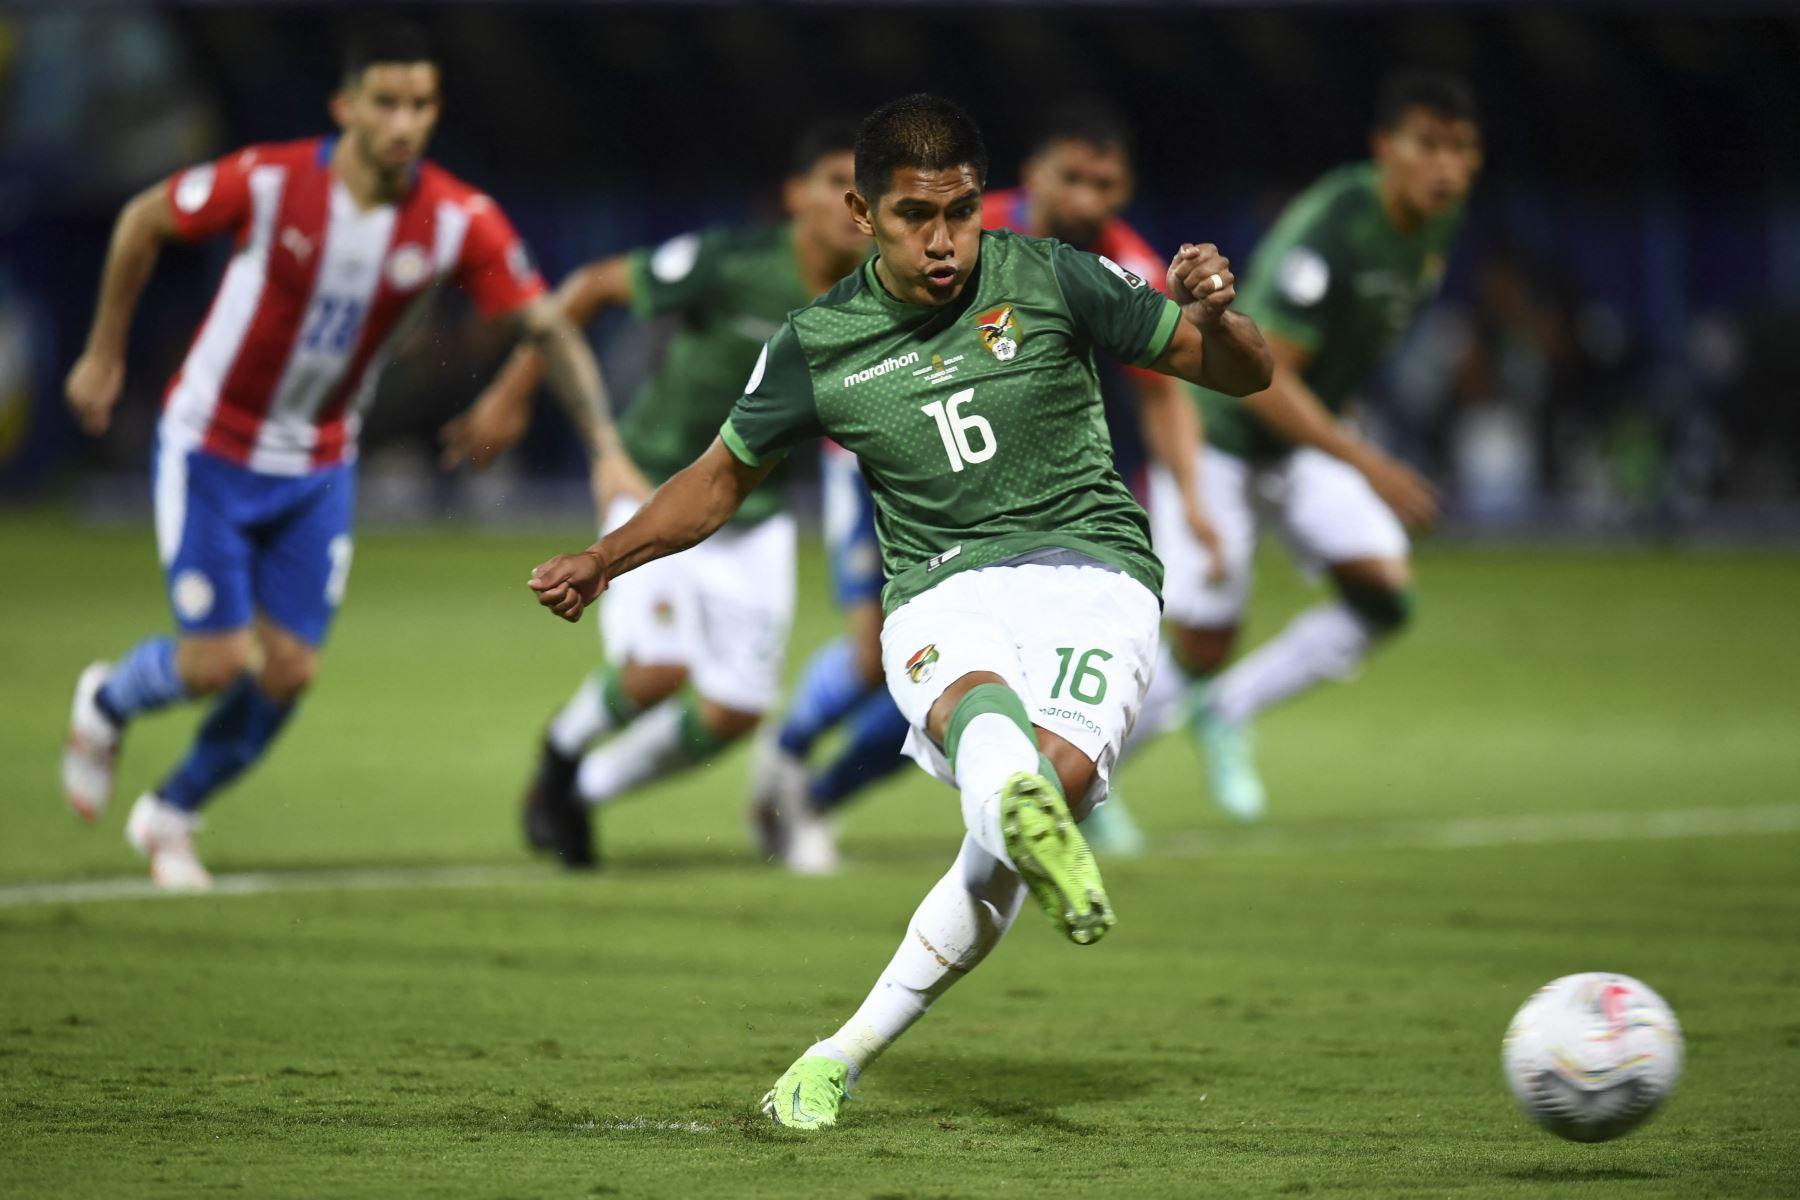 Erwin Saavedra de Bolivia lanza un penalti para anotar contra Paraguay durante el partido de la fase de grupos del torneo de fútbol Conmebol Copa América 2021 en el Estadio Olímpico de Goiania, Brasil. Foto: AFP